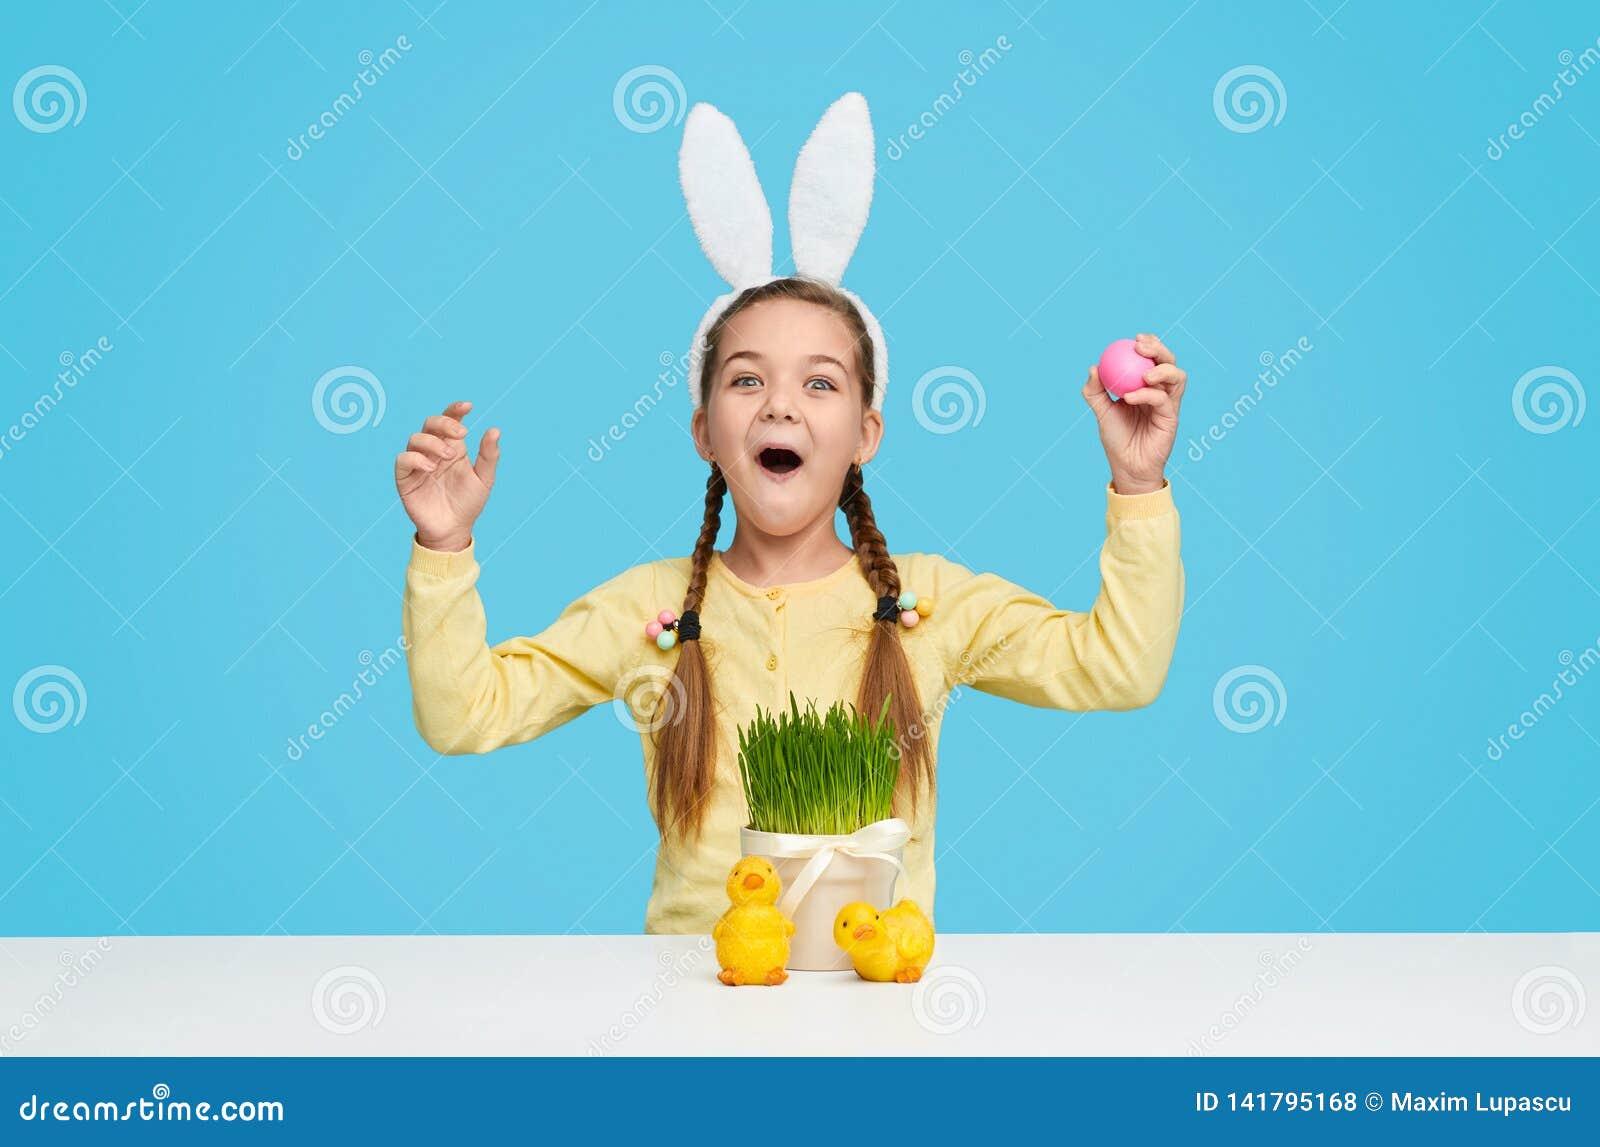 Κατάπληκτο κορίτσι στα αυτιά λαγουδάκι που γιορτάζει Πάσχα